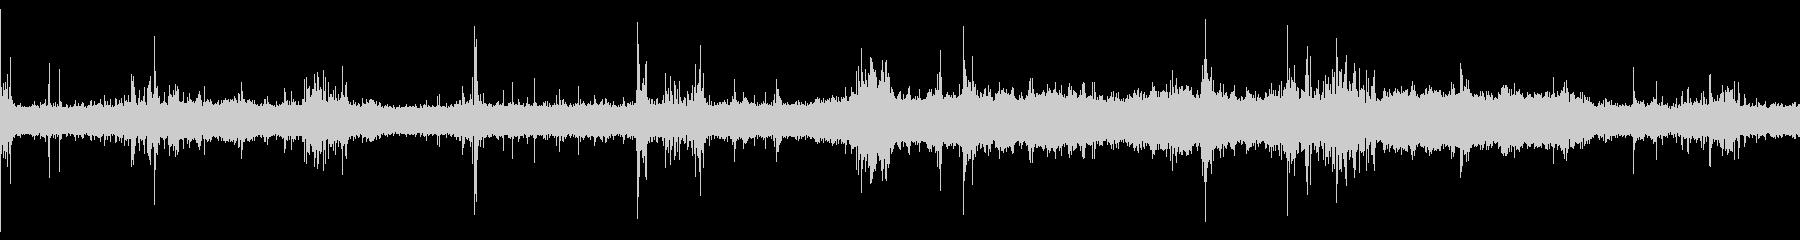 電車車内音(バイノーラル素材)の未再生の波形